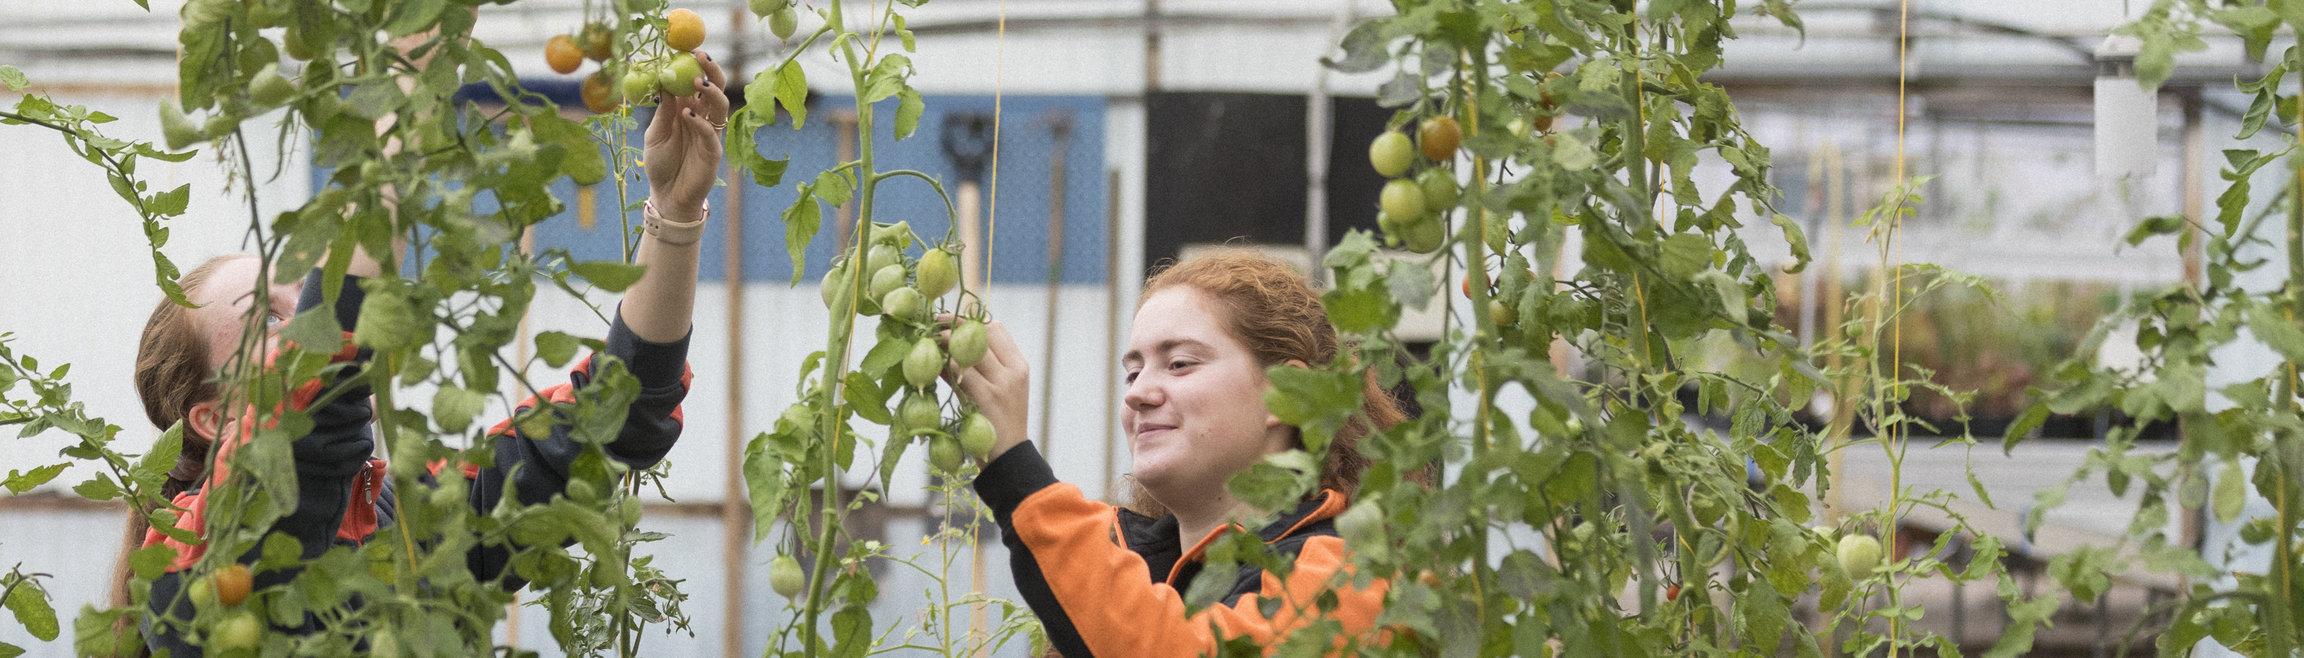 Två personer skördar tomater i ett växthus.